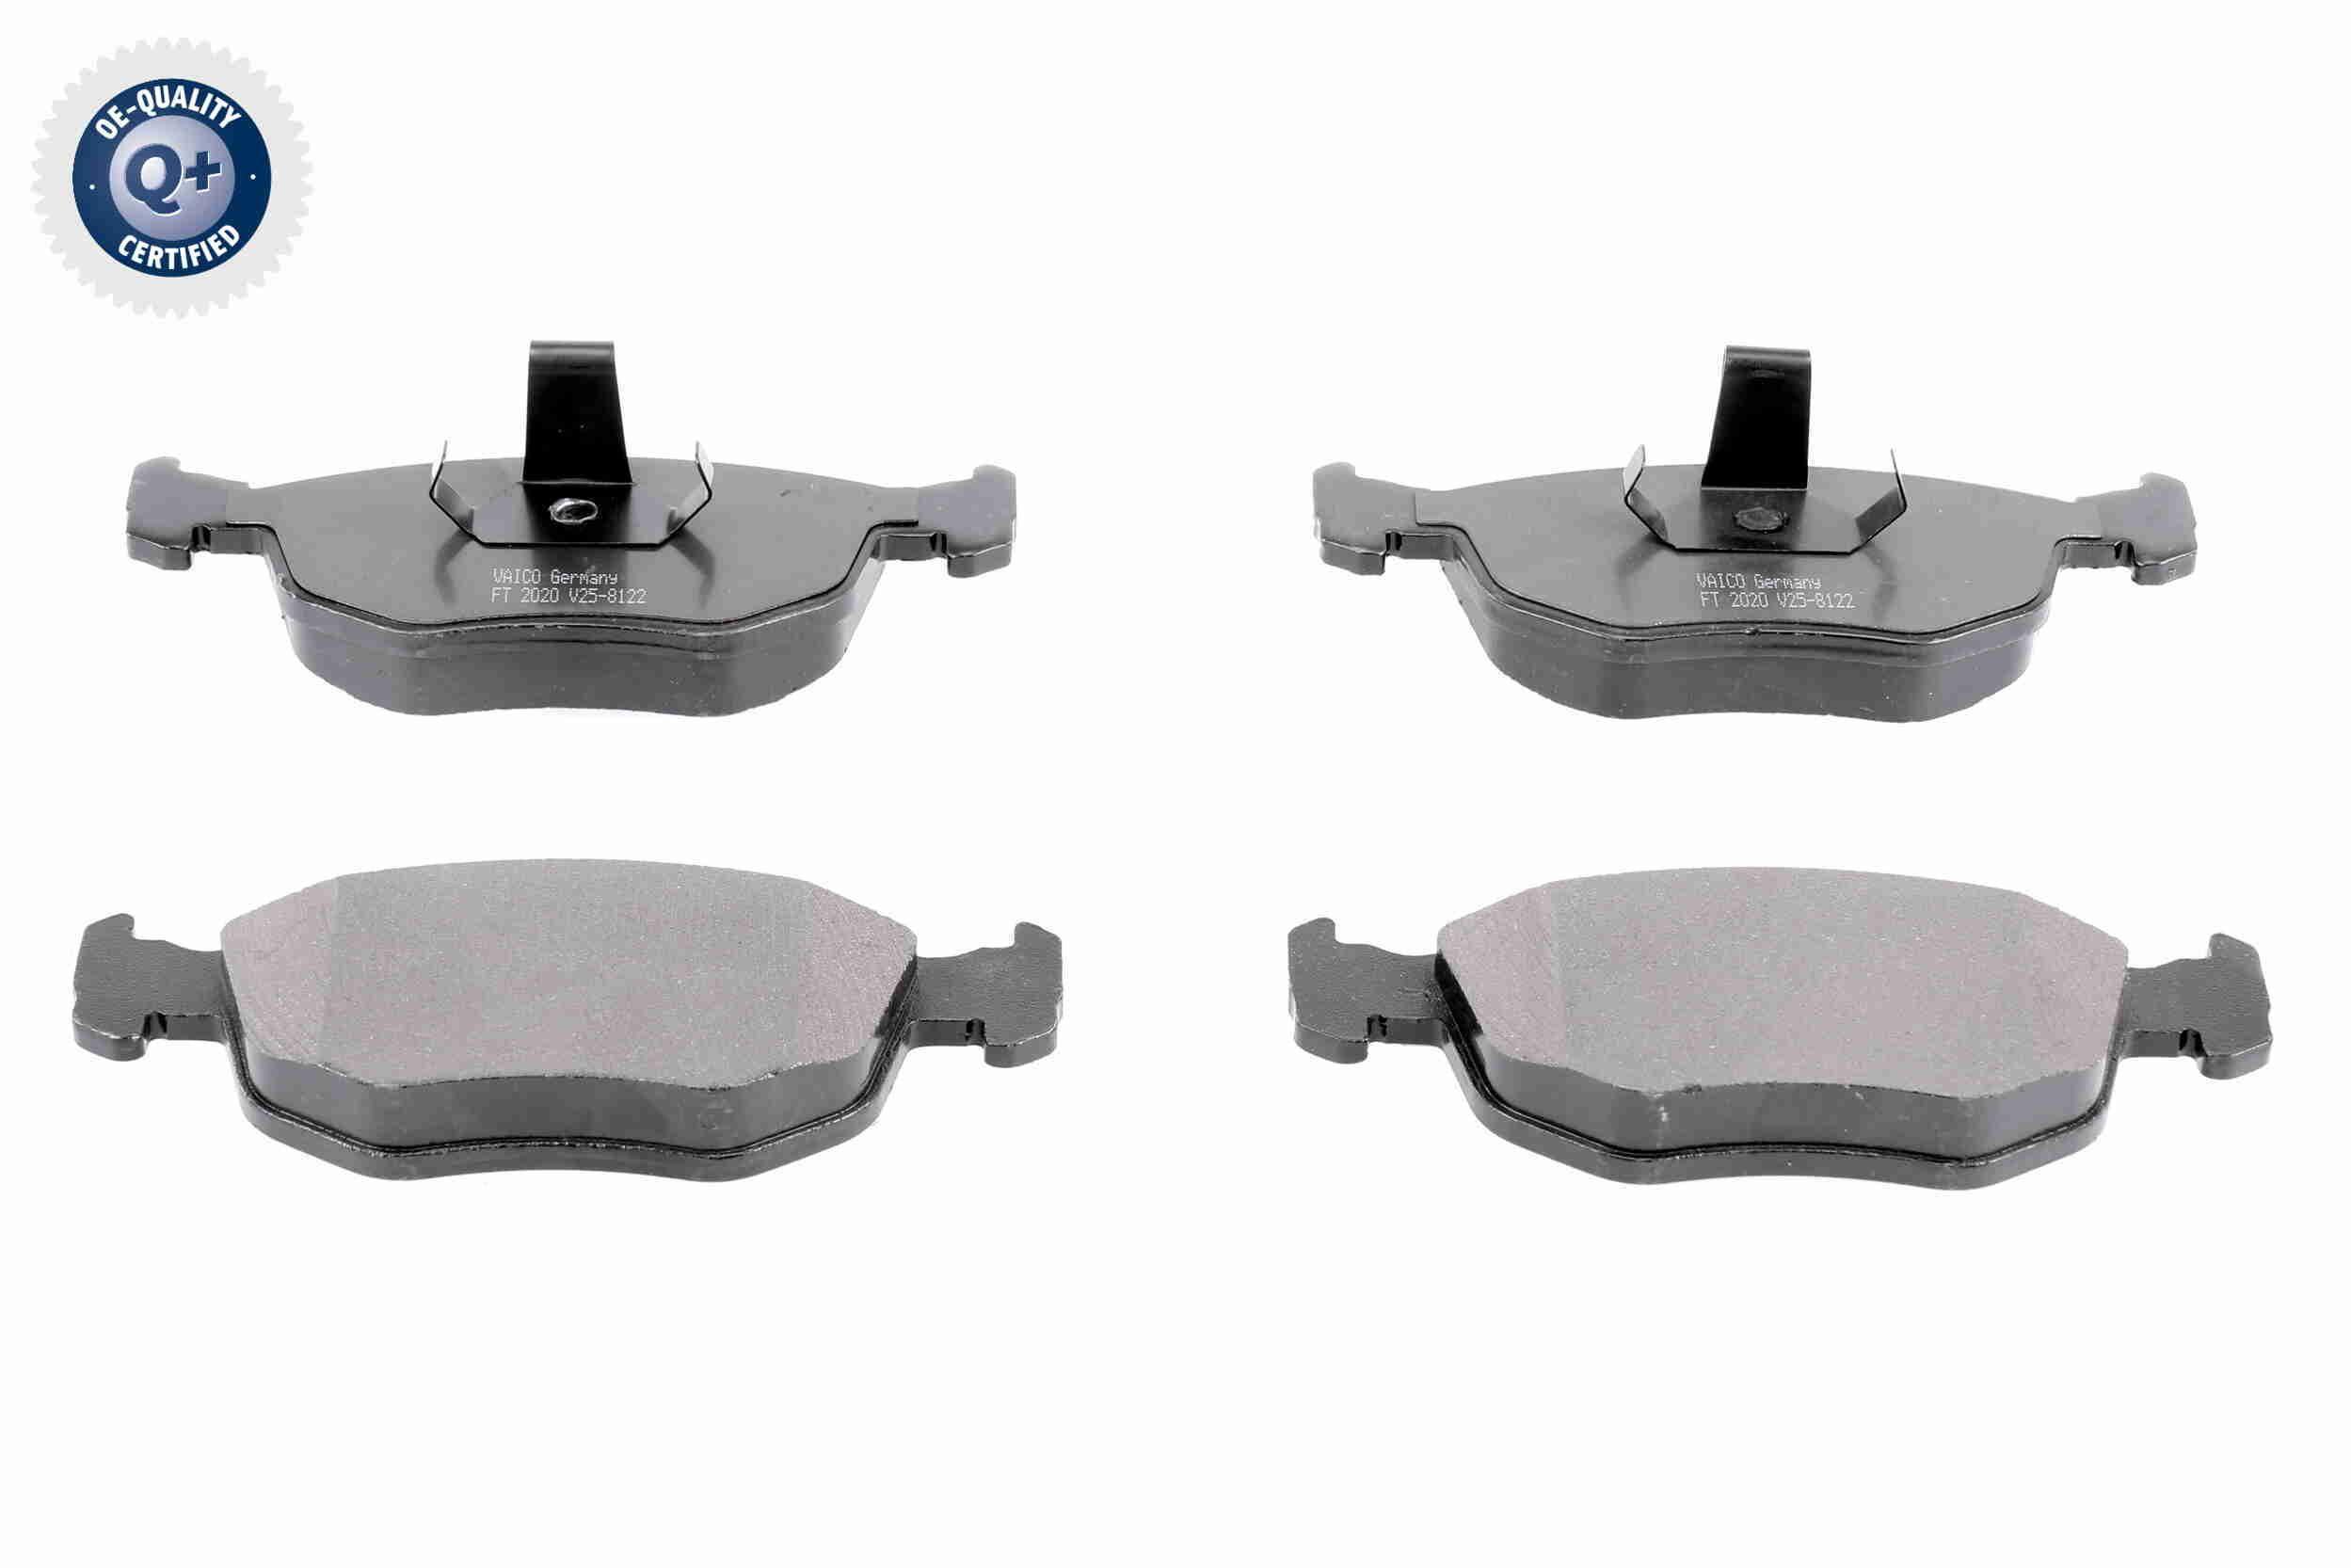 Bremsbeläge VAICO V25-8122